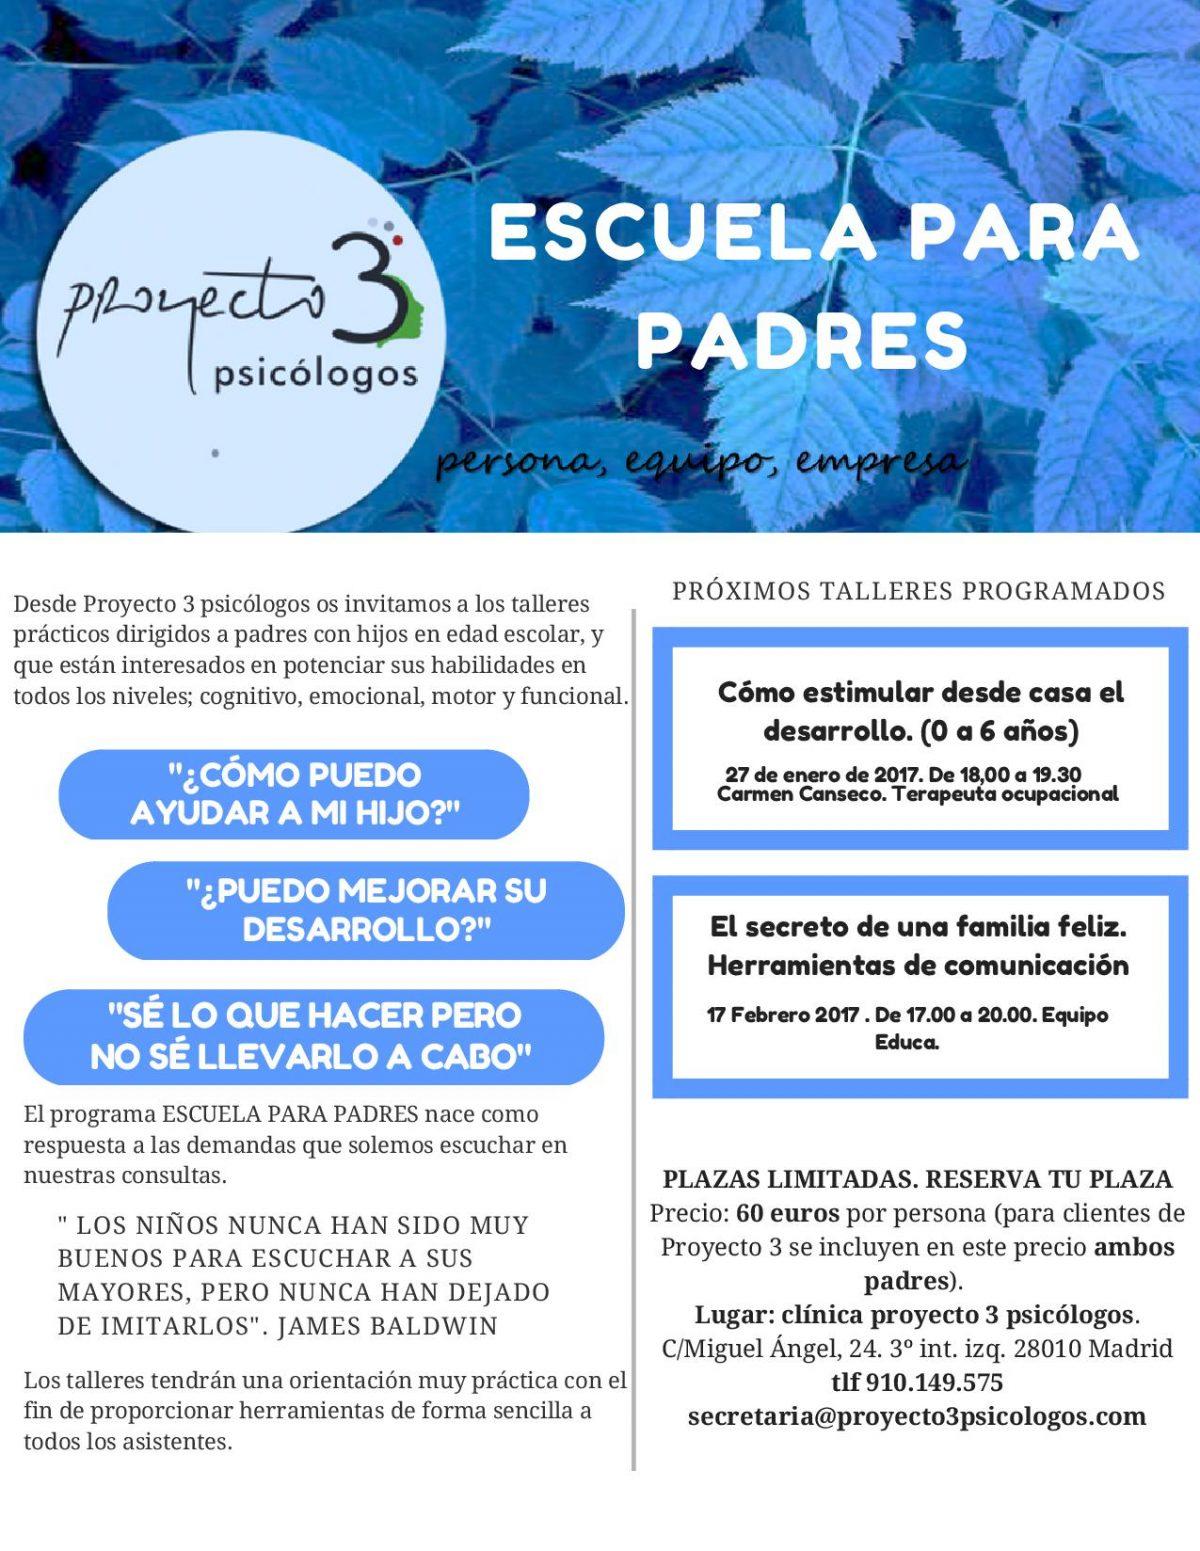 C_Users_almudenas_Desktop_Folleto-Escuela-de-Padres-2-1200x1551.jpg